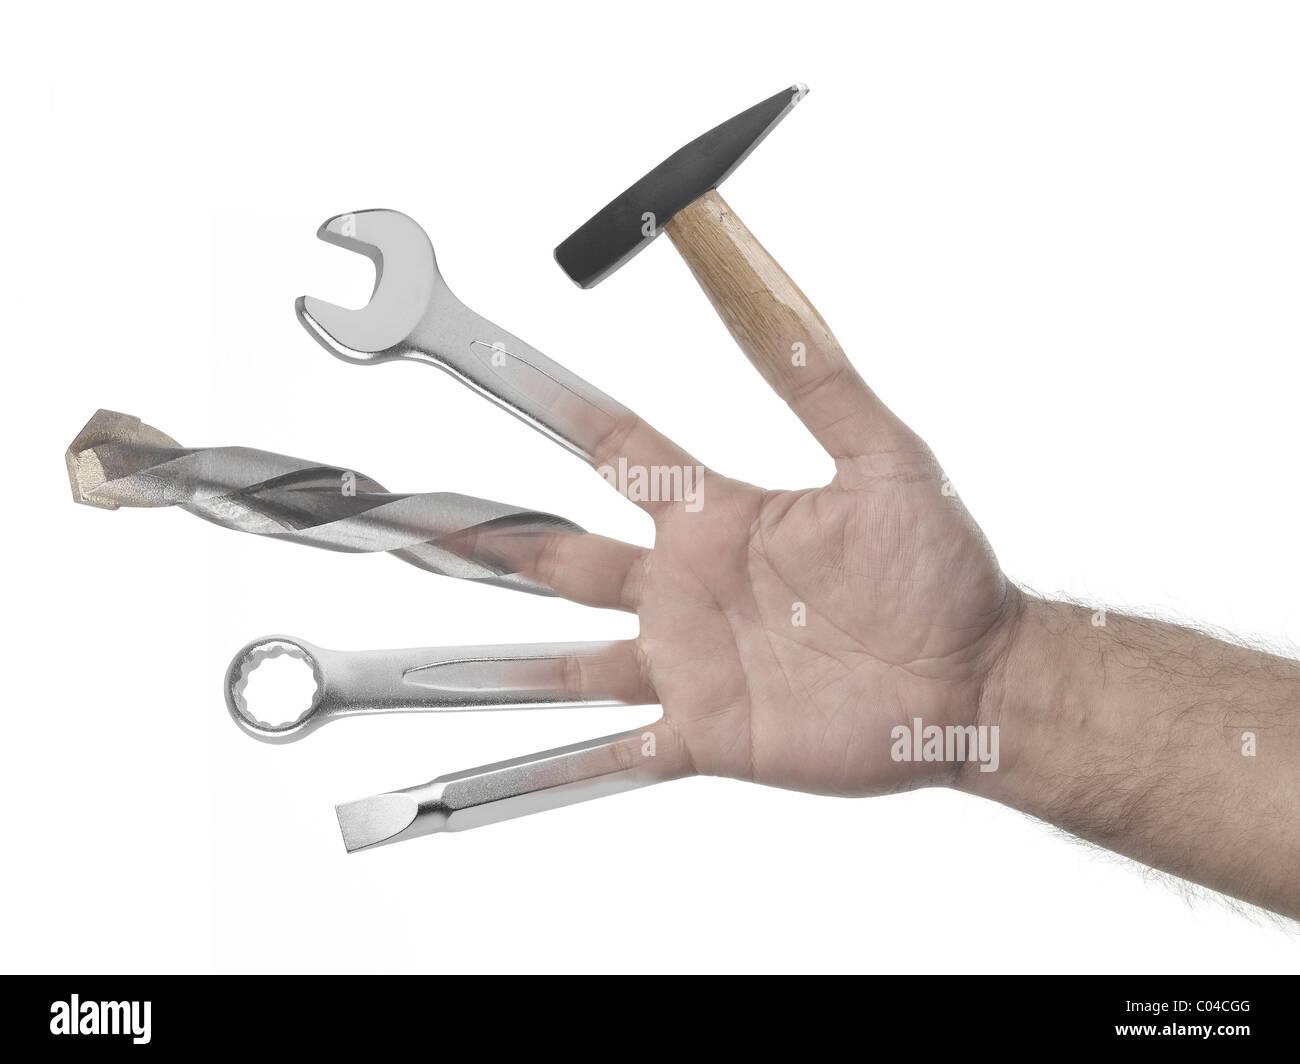 Tuttofare mano piena di strumenti su sfondo bianco Immagini Stock